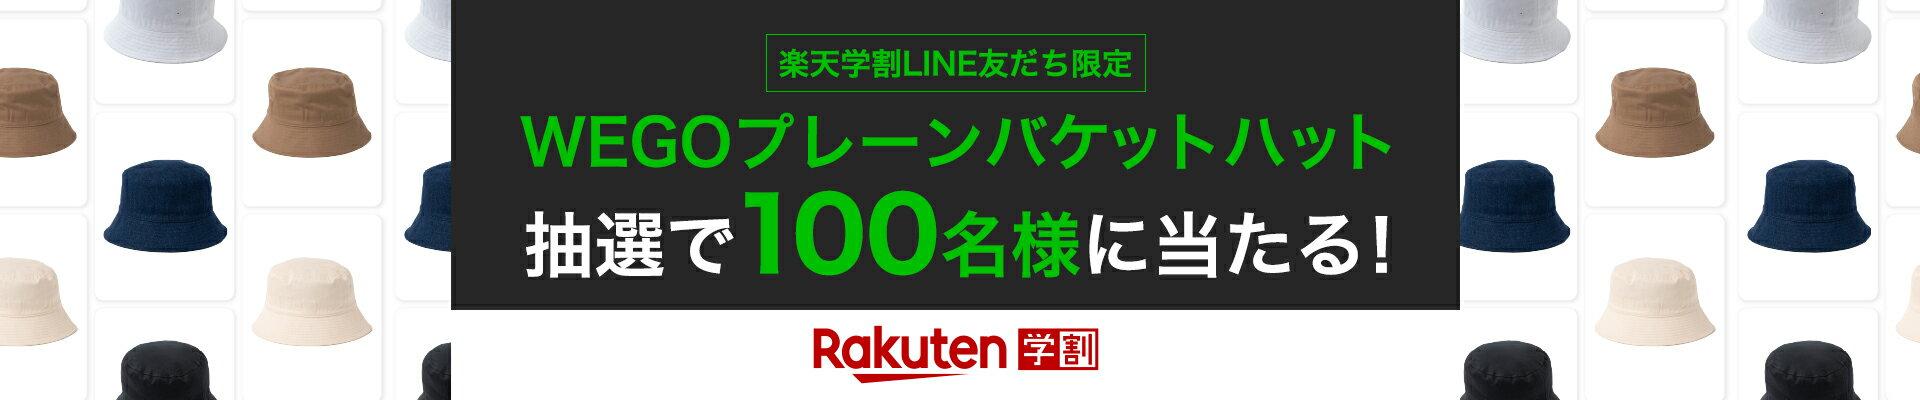 楽天学割LINE公式アカウント 15〜25歳なら社会人でもOK!おトクなキャンペーン情報を配信中!